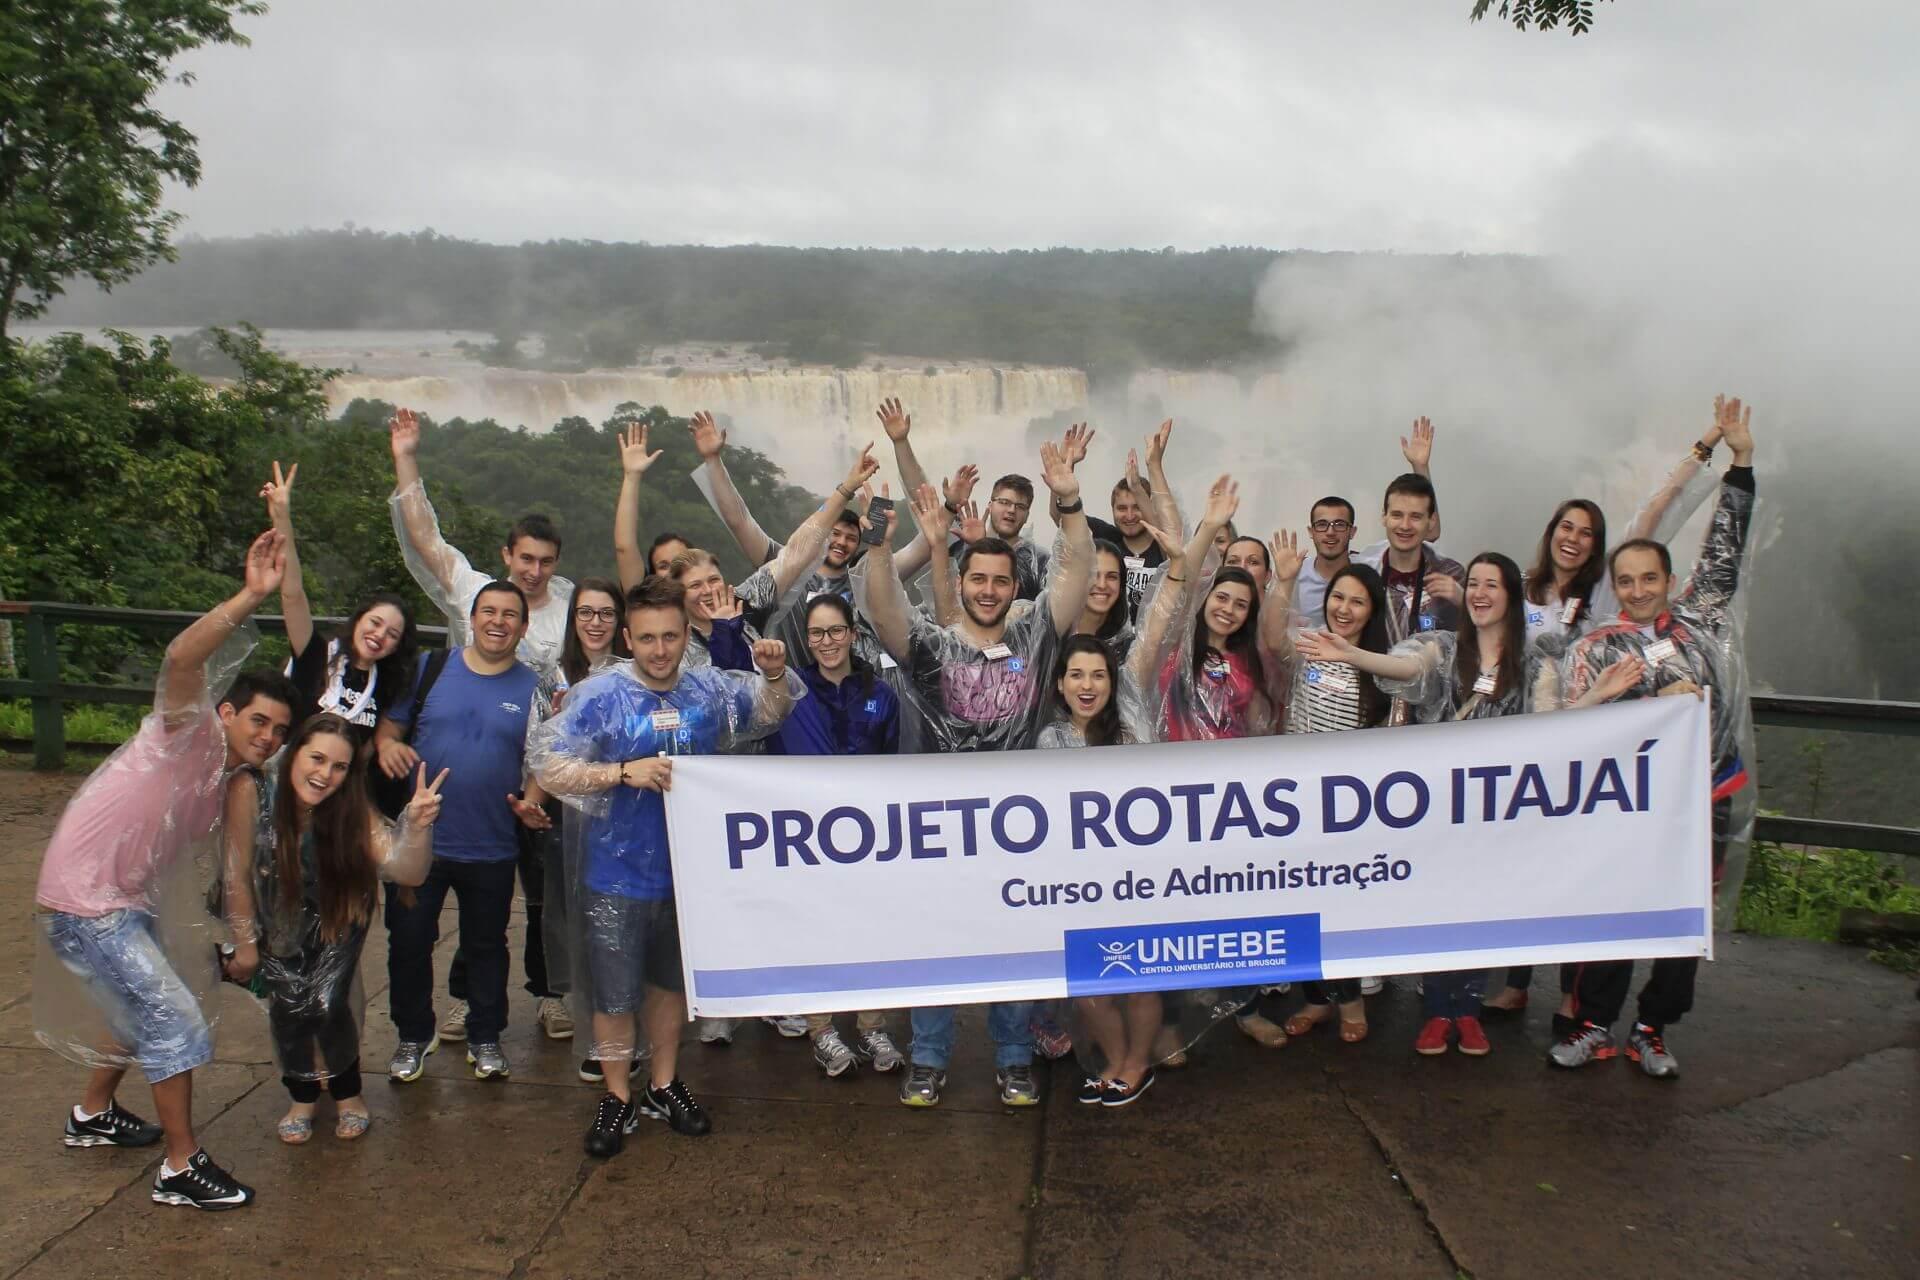 rotas-do-itajai-1